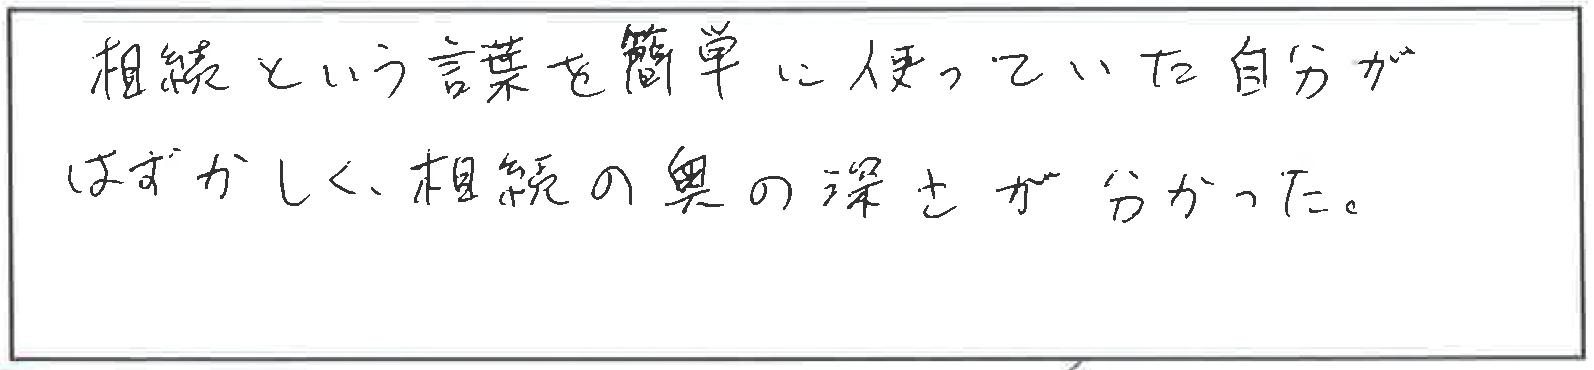 吉澤塾 半年コースの参加者の声画像79